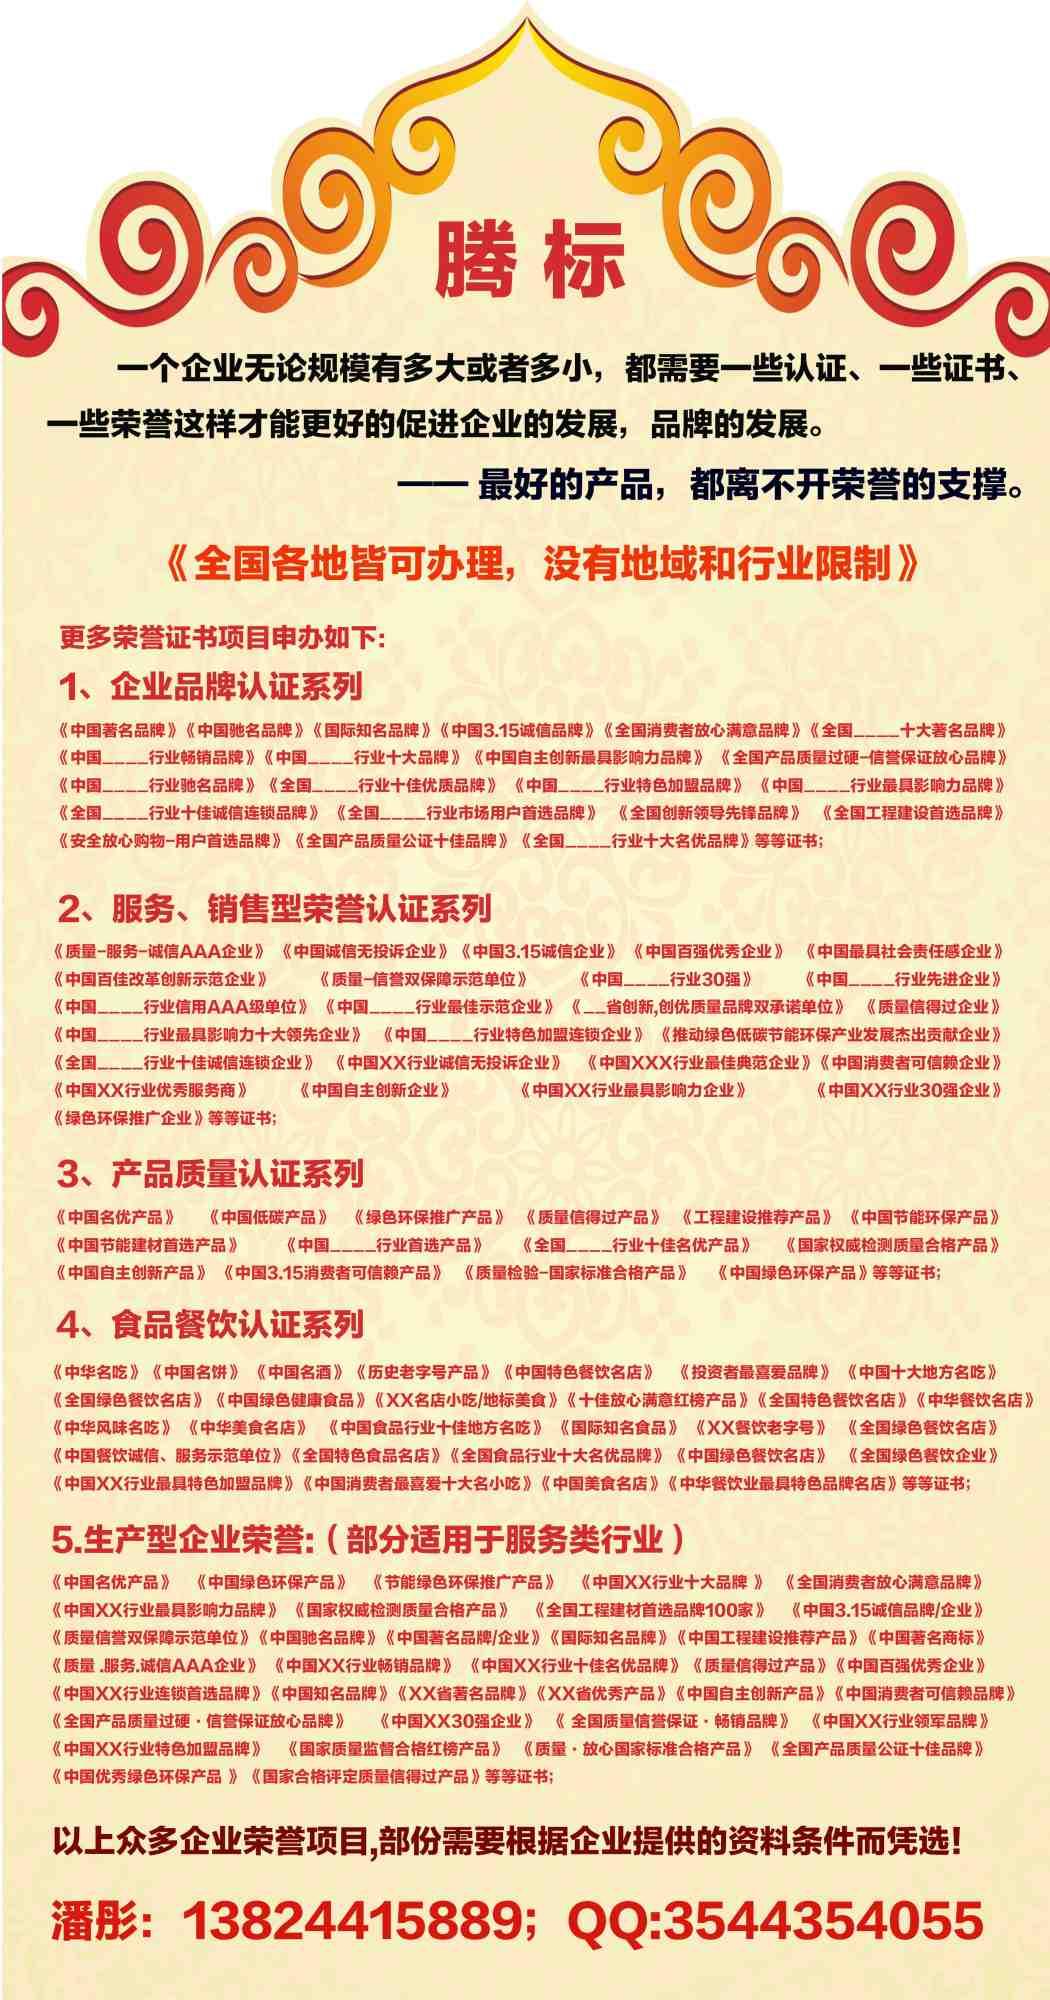 泰安济南企业荣誉证书在哪里可以申请_专业企业荣誉证书代办包让您满意